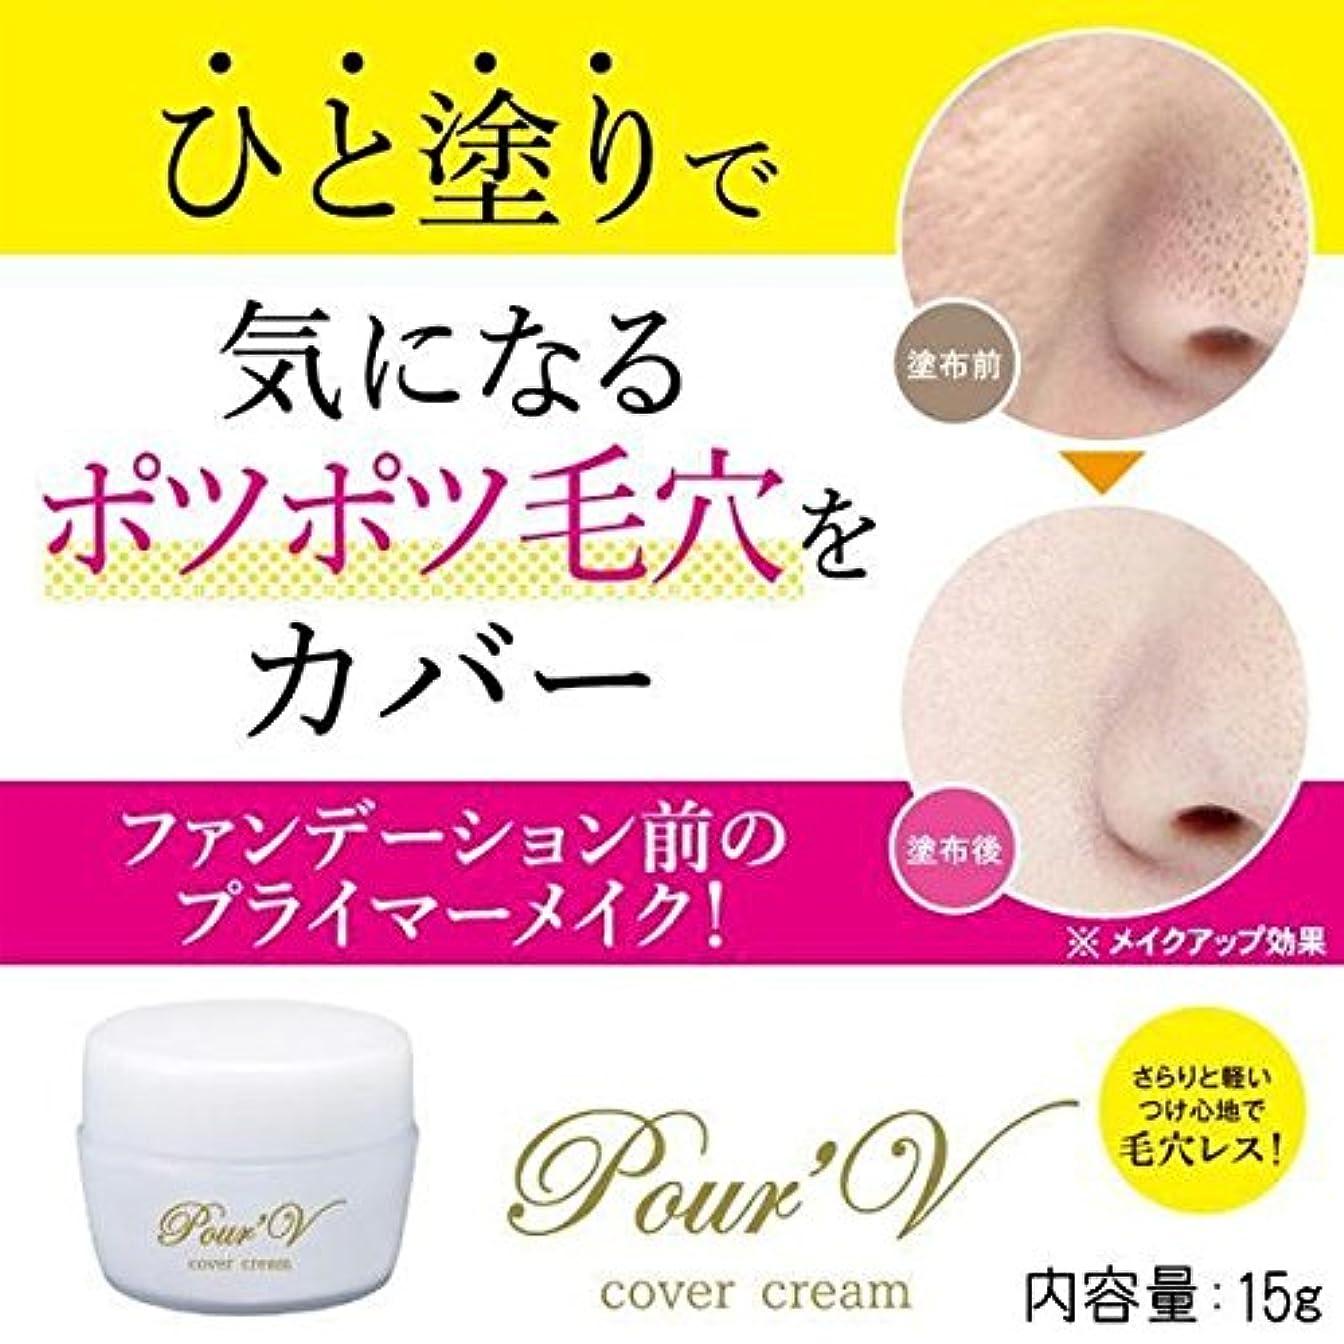 弾丸知覚水を飲むPour'V(プレヴ) cover cream(カバークリーム) 下地クリーム15g